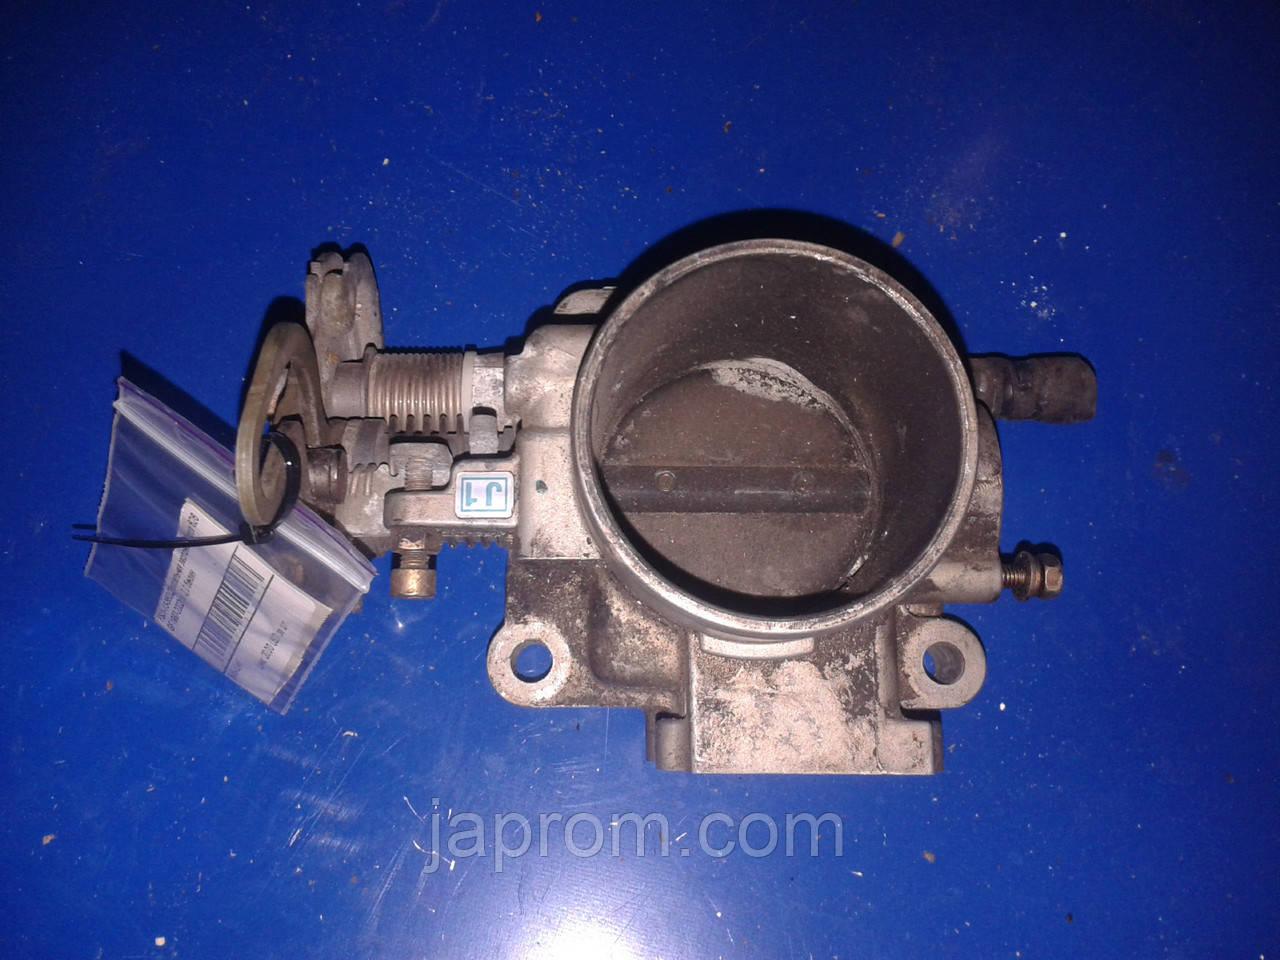 Дроссельная заслонка Mazda 626 GF 1997-2002г.в. 2,0 бензин без датчиков